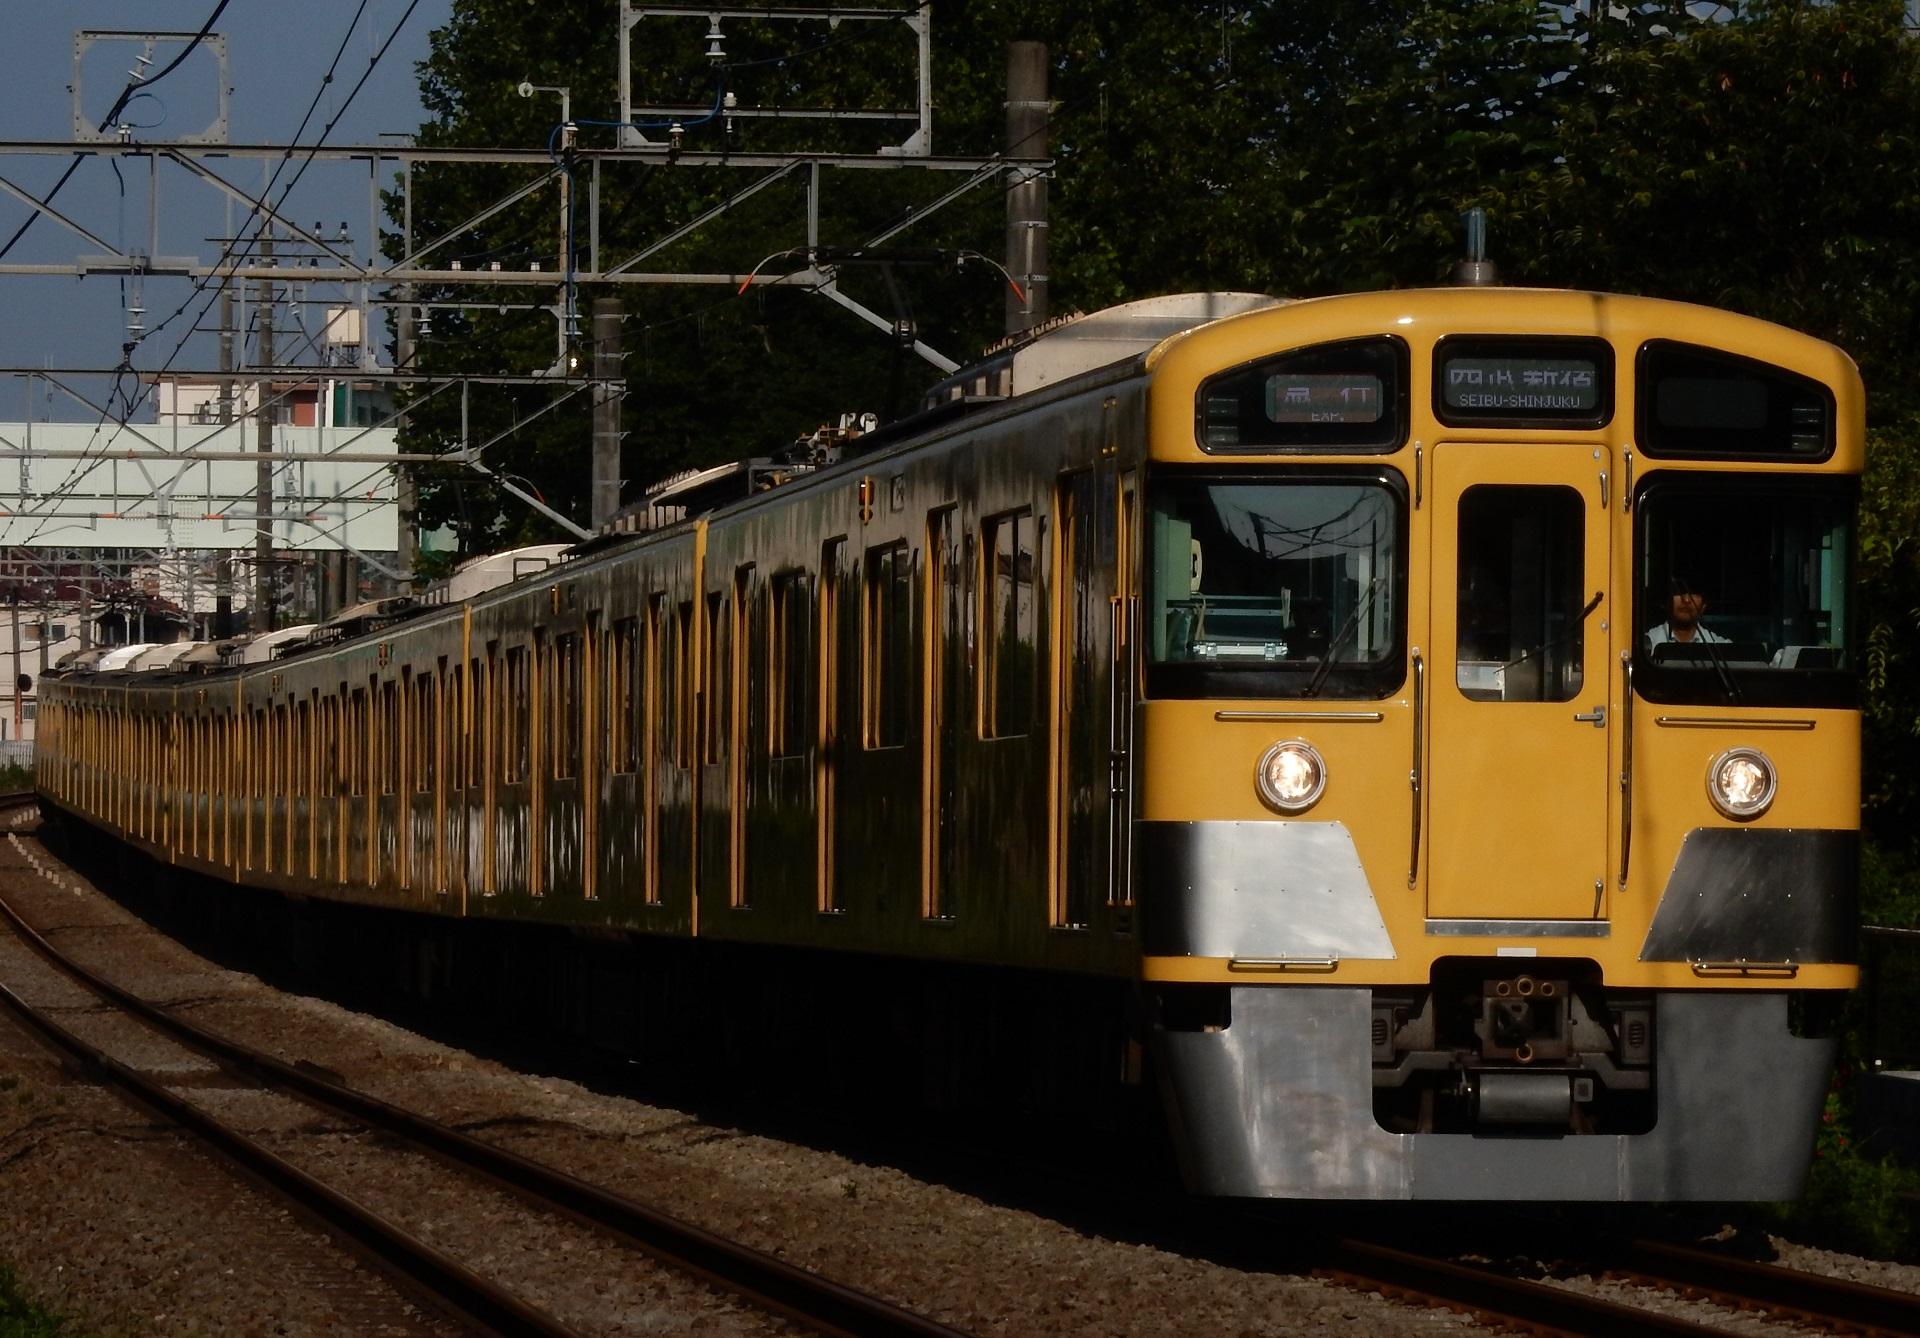 DSCN4765 - コピー